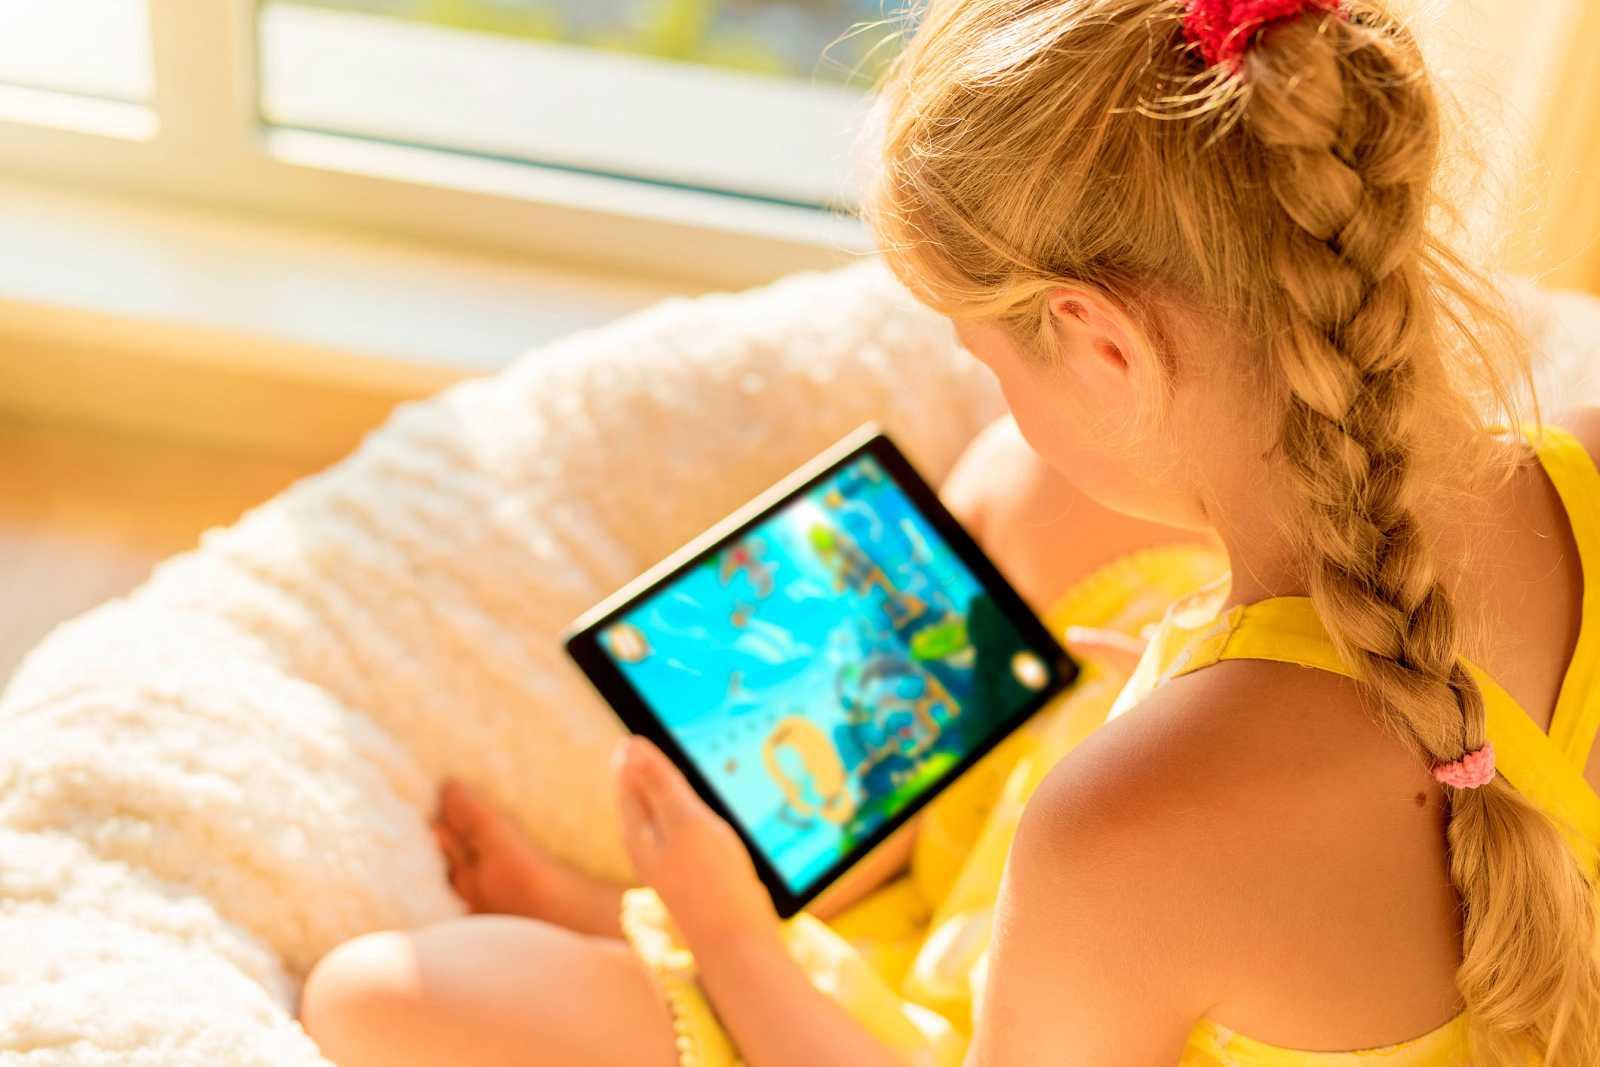 Alrededor del 30% de los niños menores de 8 años usa el móvil todos los días.